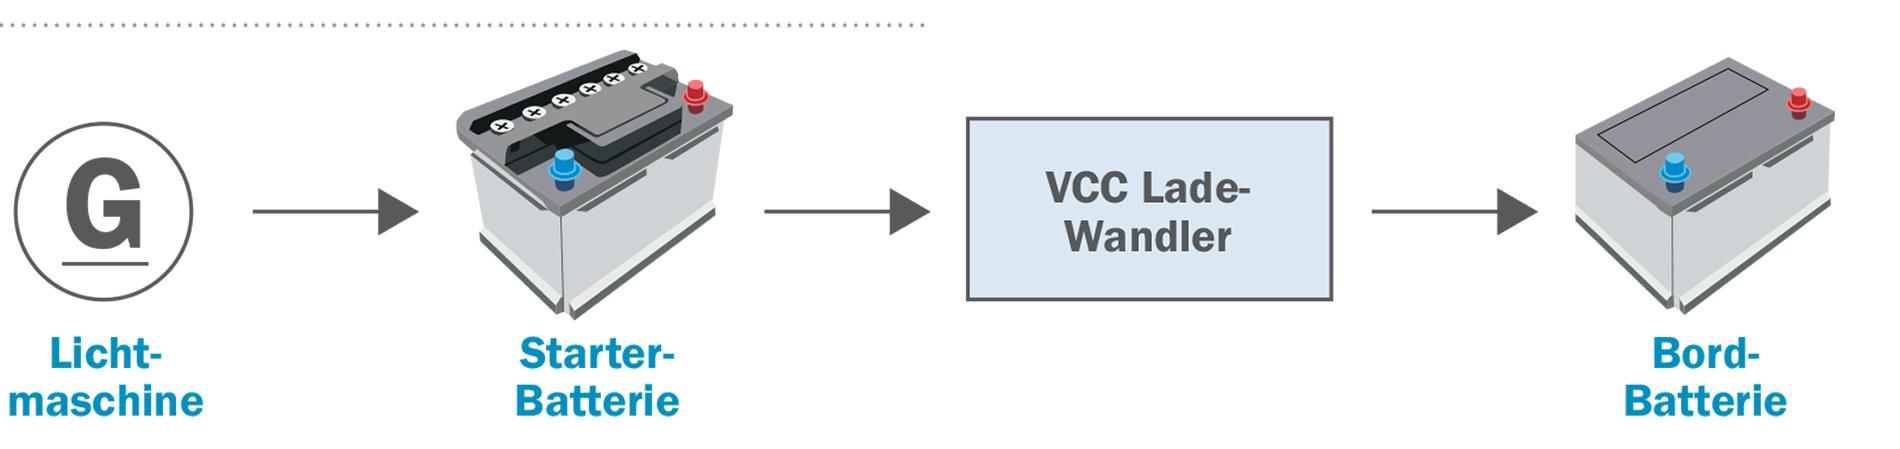 Votronic Ladewandler VCC 1212-30